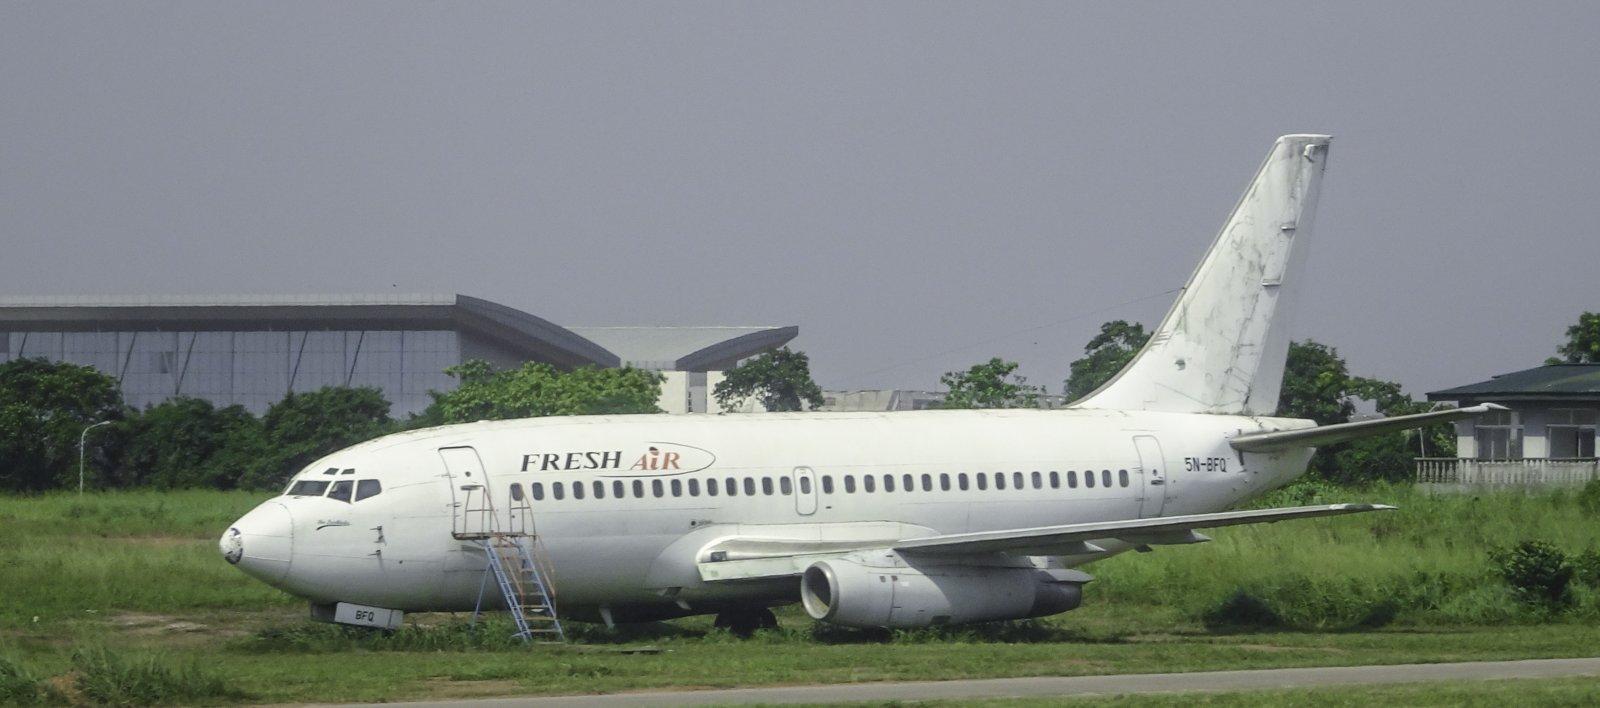 Fresh Air Boeing 737-2B7 5N-BFQ